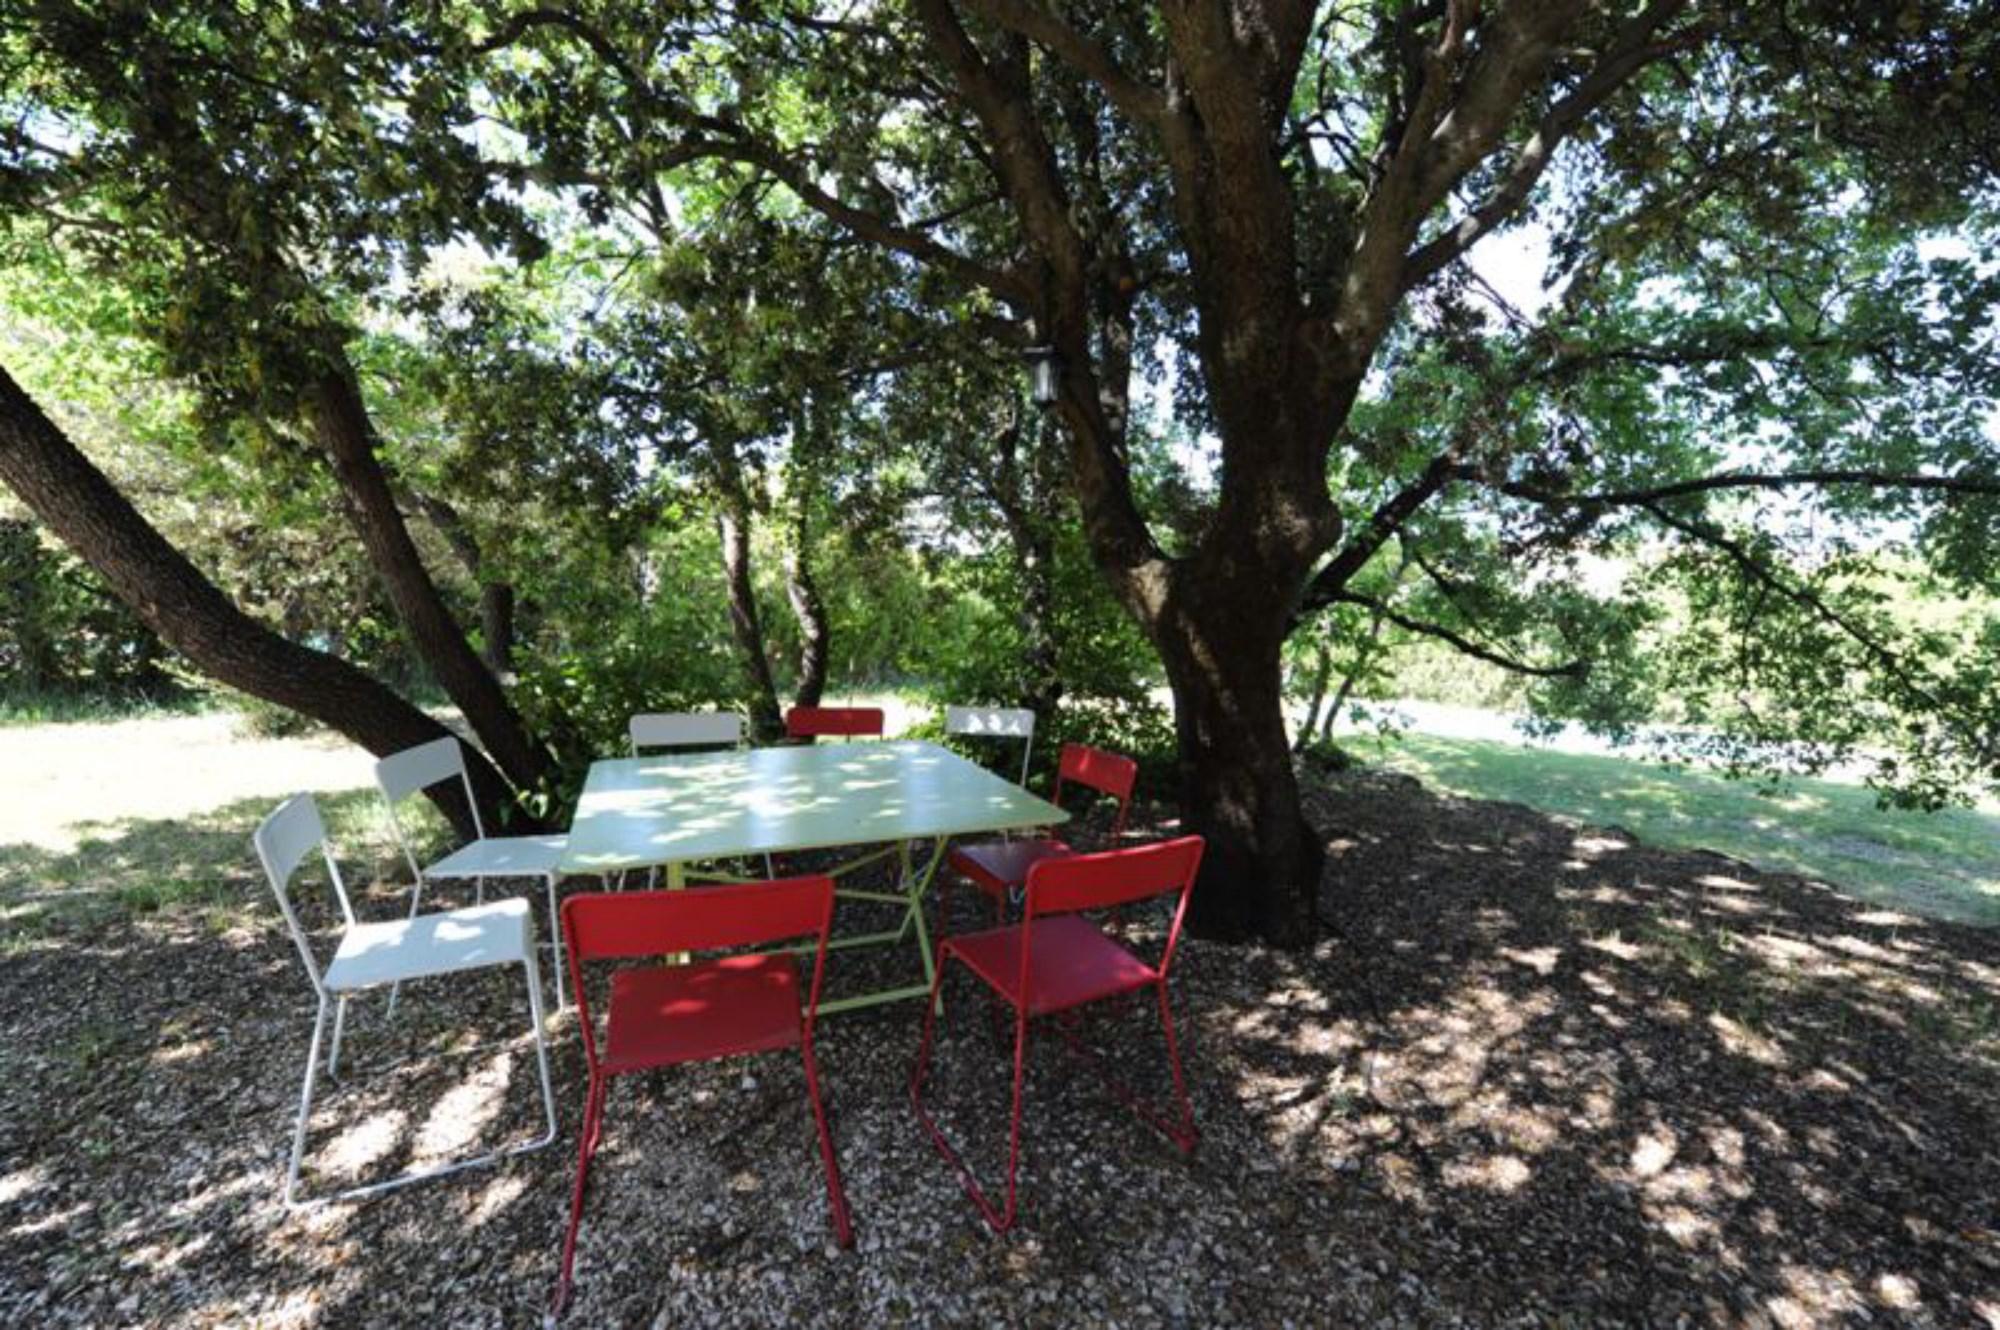 Maison avec jardin paysagé à vendre dans le Luberon